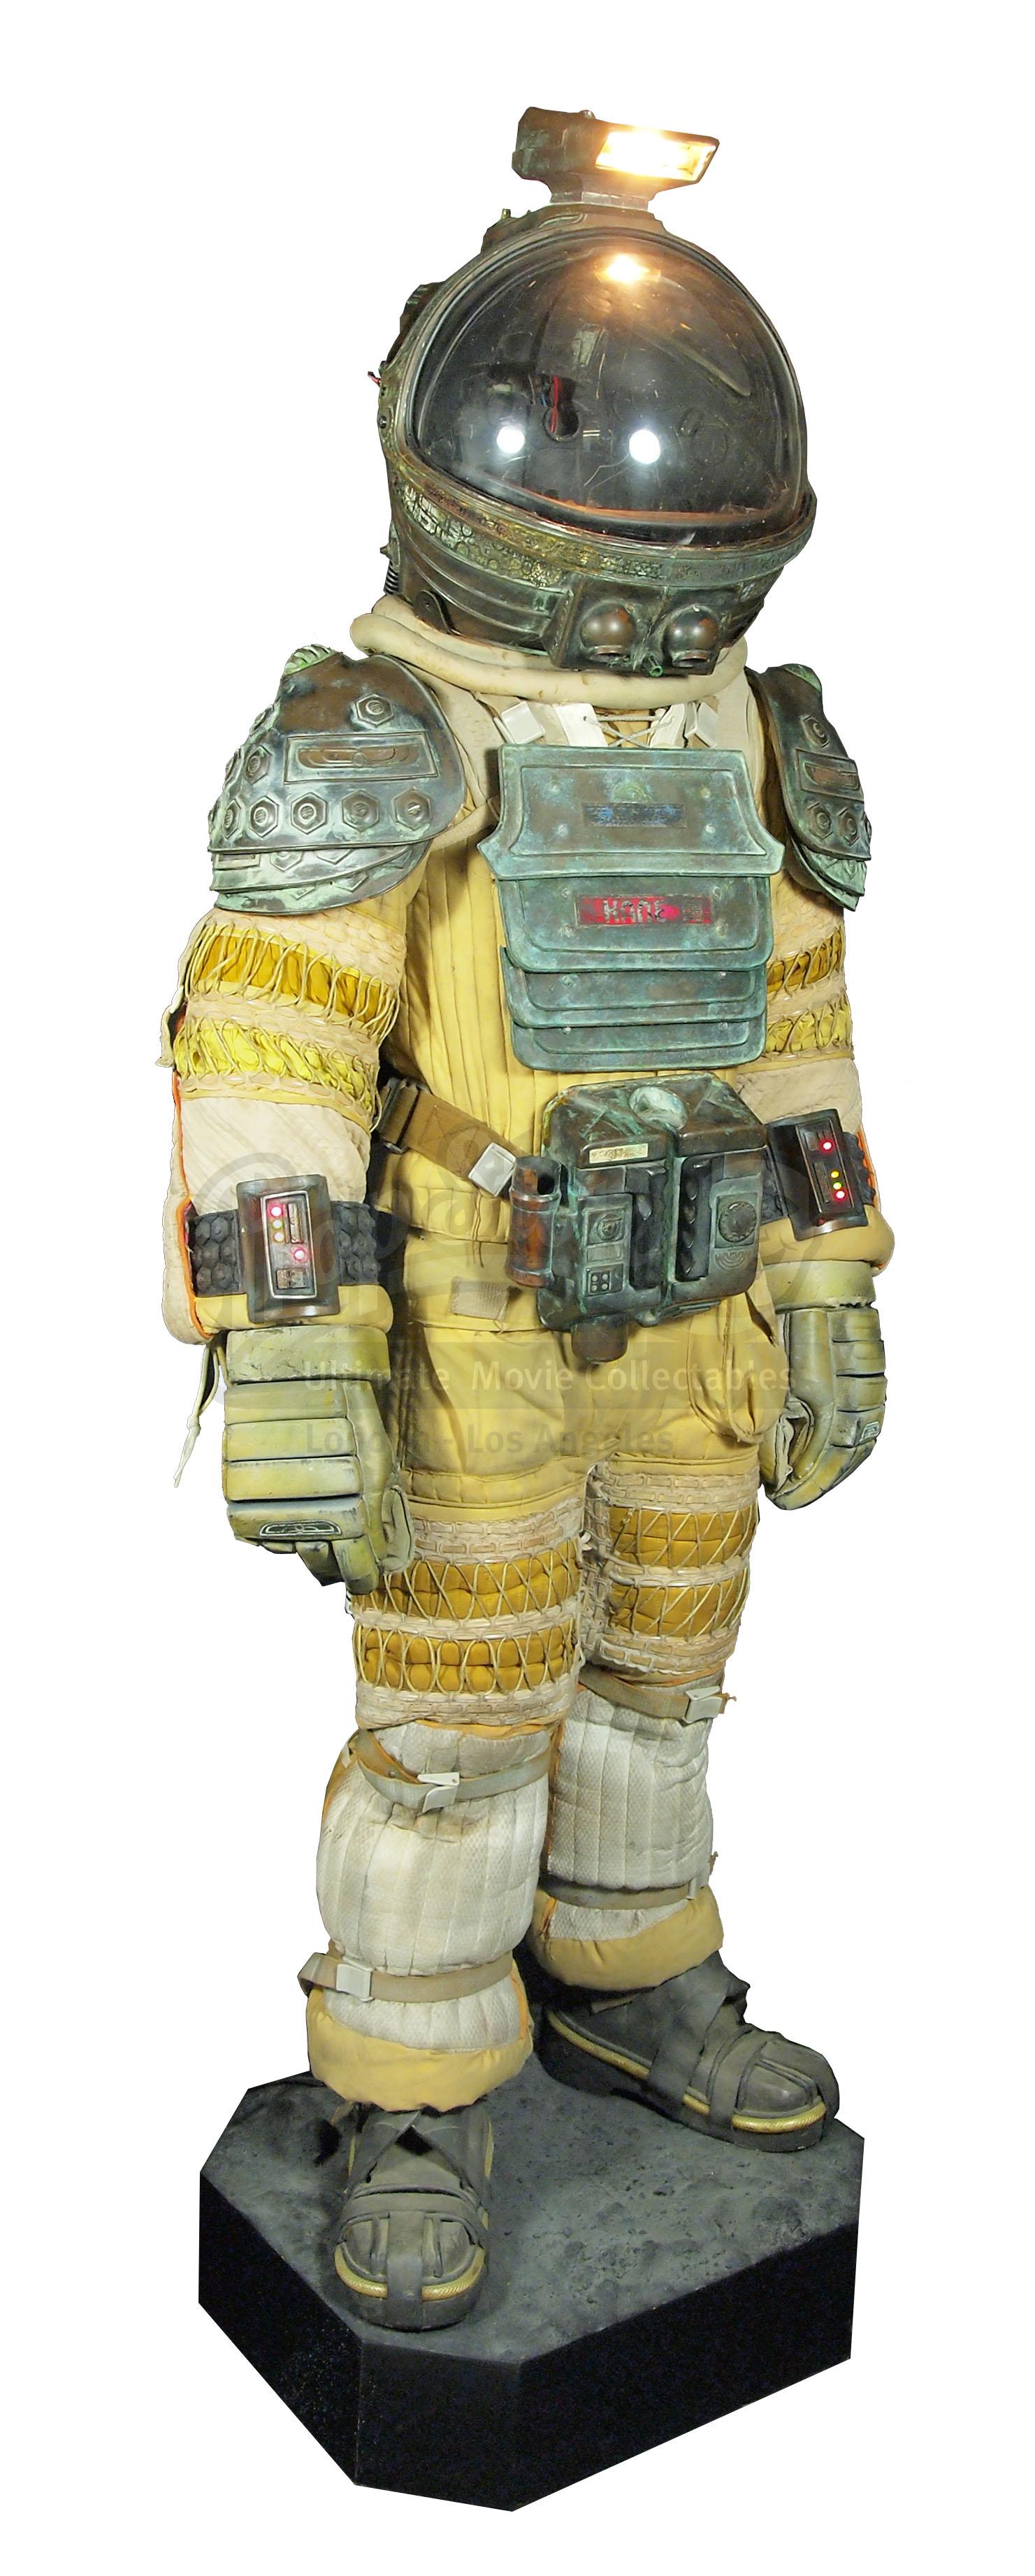 dallas alien 1979 space suit - photo #31